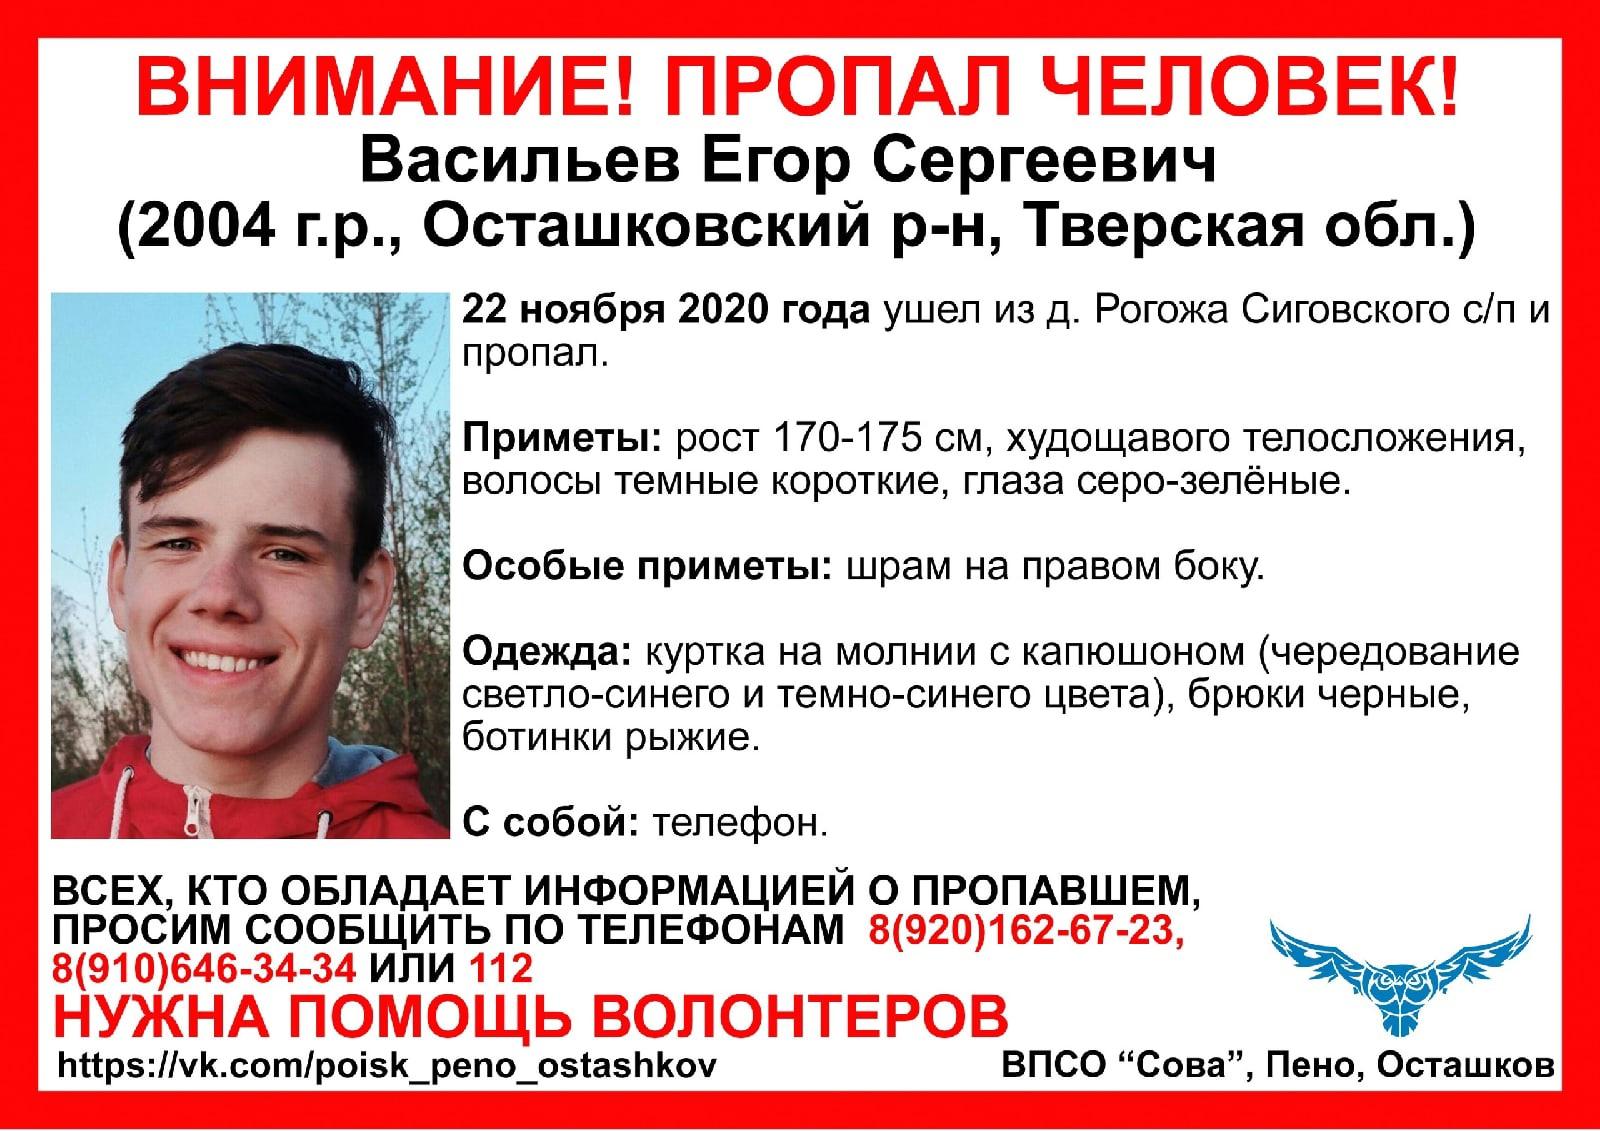 Жителей Тверской области просят принять участие в новых поисках подростка